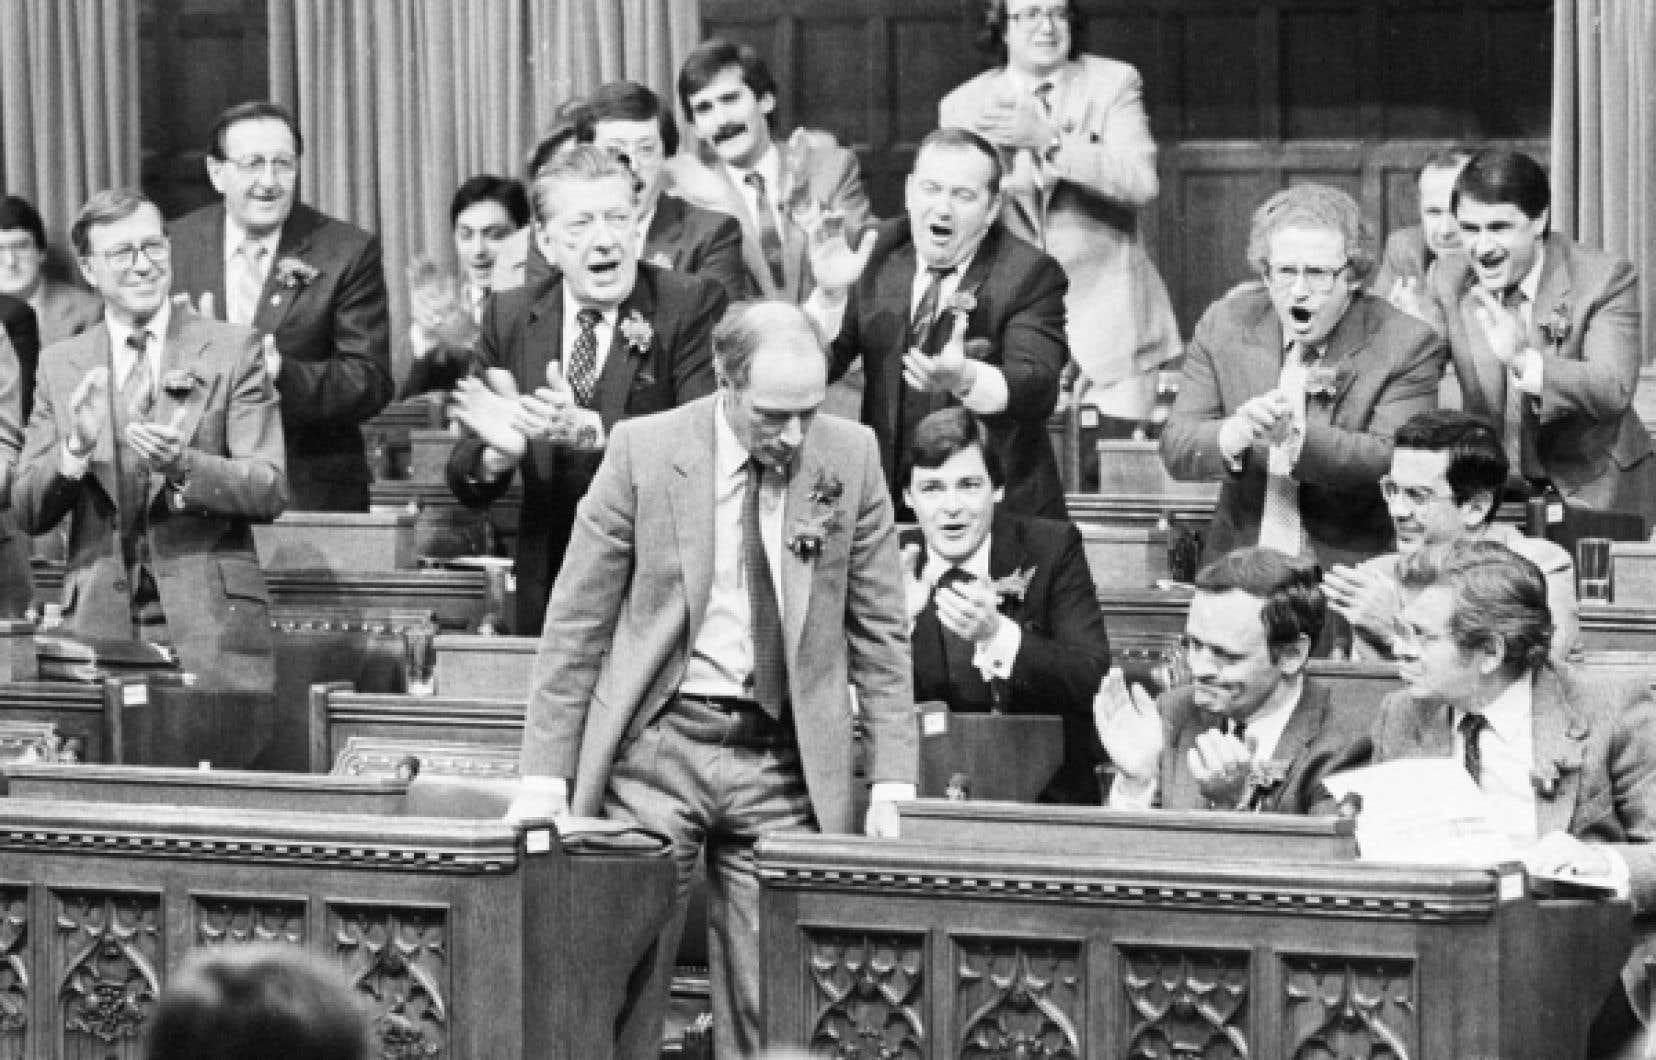 Pierre Elliott Trudeau recevant une ovation de la part de ses d&eacute;put&eacute;s apr&egrave;s un vote en faveur du rapatriement de la Constitution, en d&eacute;cembre 1981.<br />